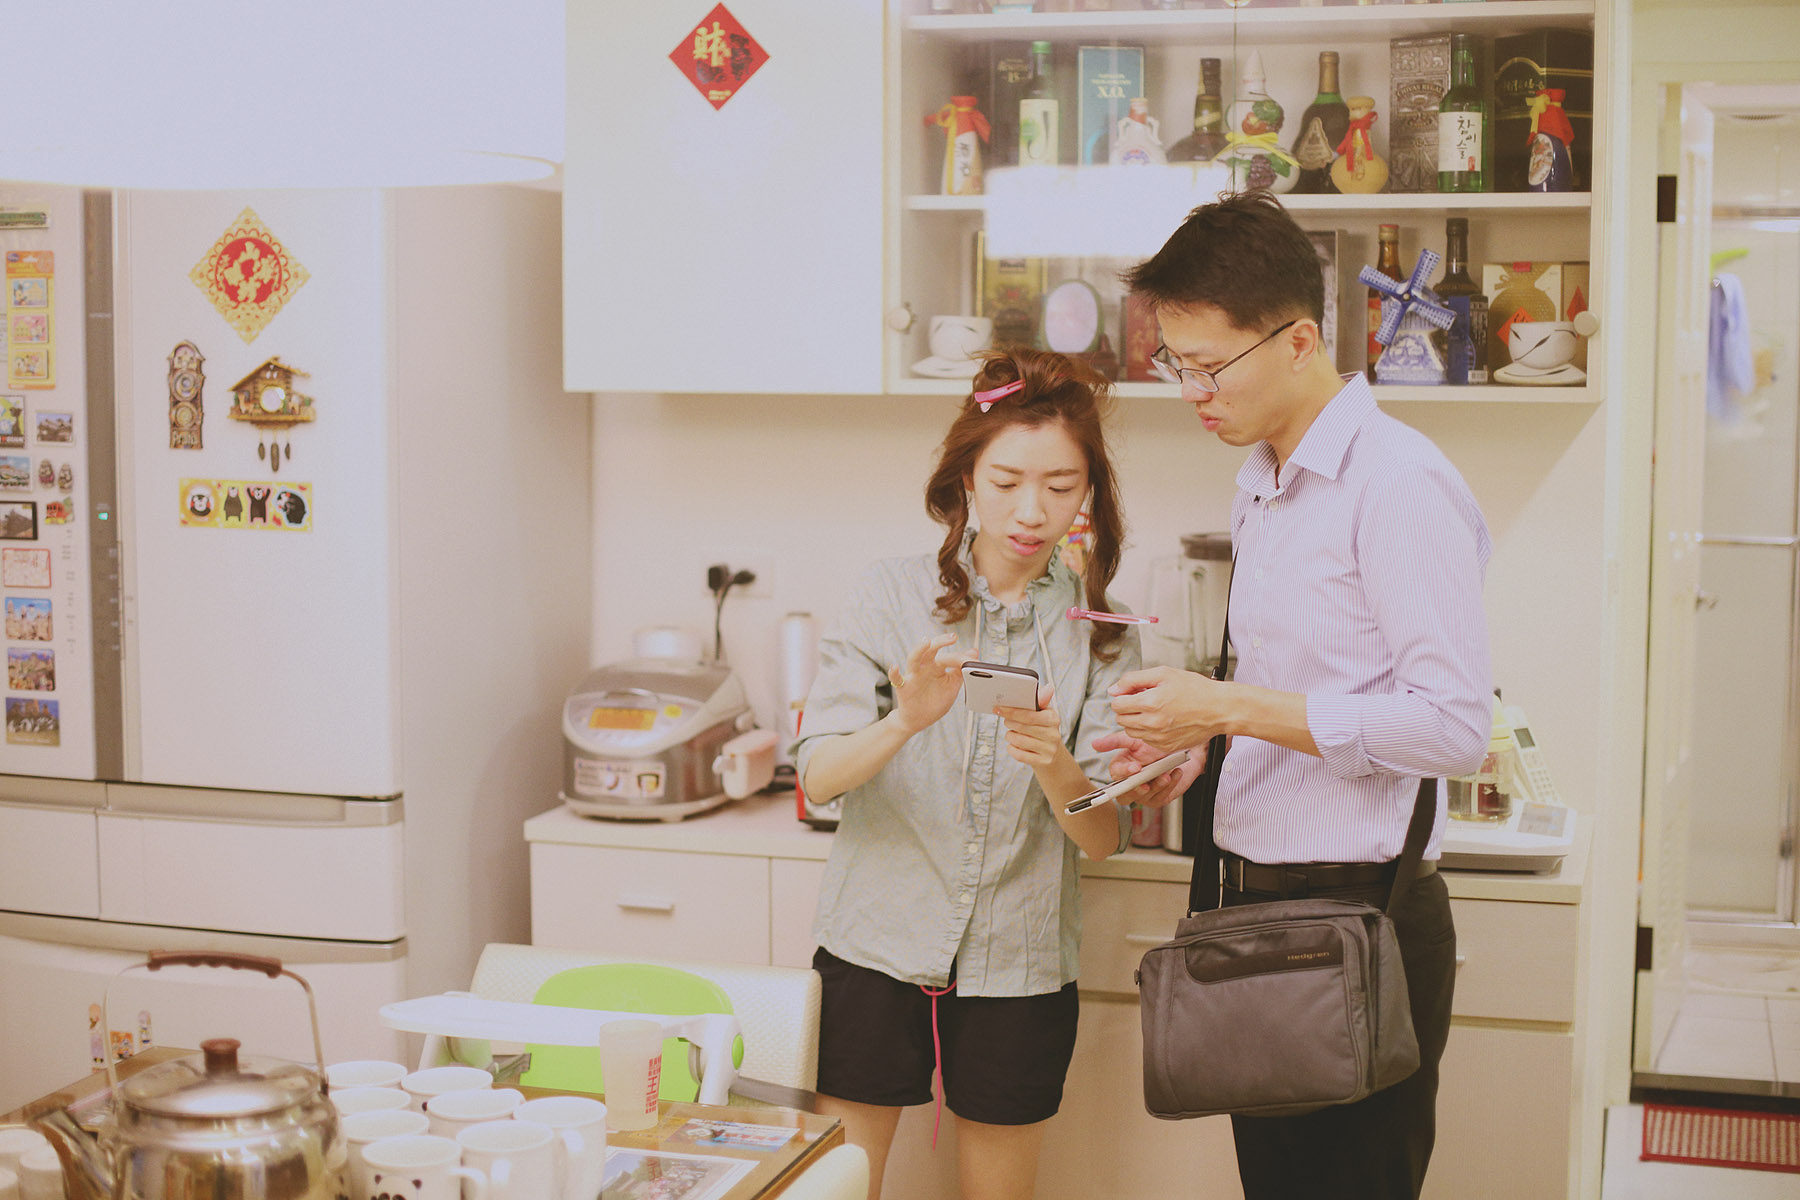 寒舍樂樂軒.底片婚攝,婚禮攝影,婚禮攝影師推薦,台北,餐廳,婚攝推薦,婚禮紀錄,電影風格